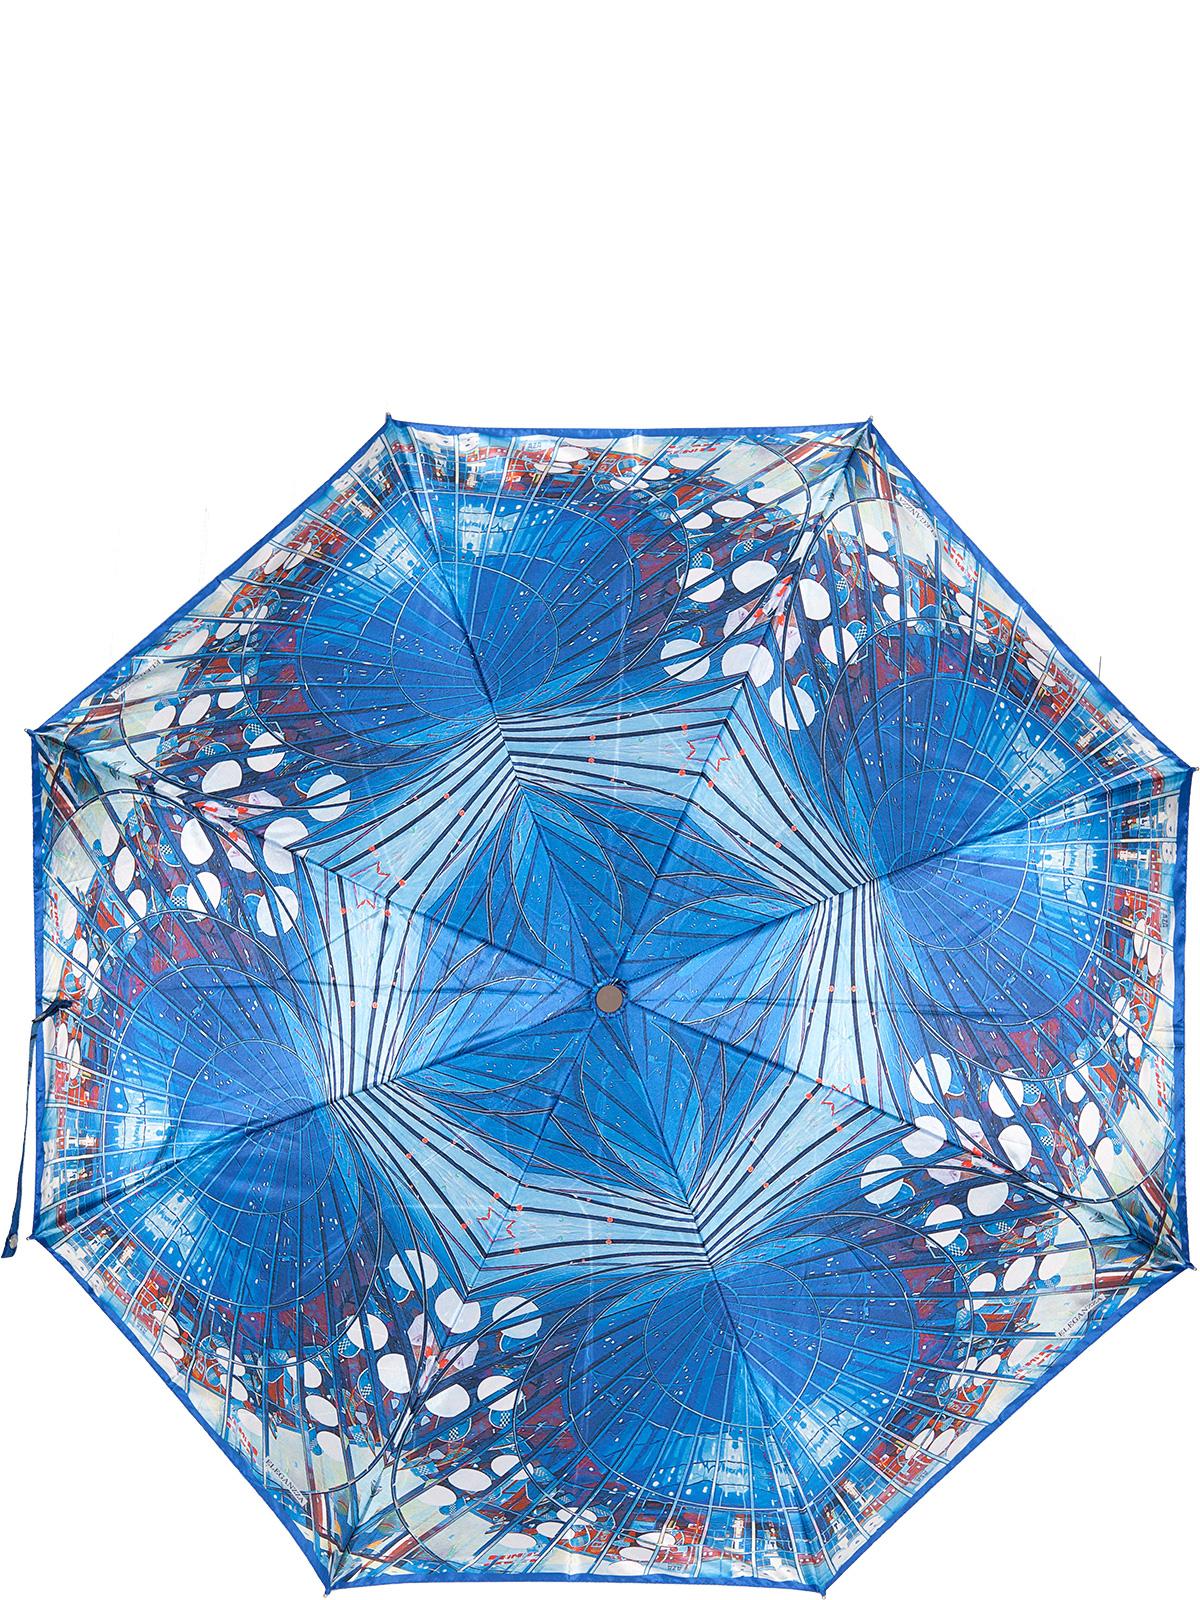 Зонт женский Eleganzza, цвет: синий. A3-05-0327LSA3-05-0327LSЖенский зонт-автомат торговой марки Eleganzza с каркасом Smart, который позволяет без особых усилий складывать зонт, не позволяя стержню вылетать обратно. Купол: 100% полиэстер, сатин. Материал каркаса: сталь + фибергласс. Материал ручки: пластик. Длина изделия - 30 см. Диаметр купола - 105 см. Система Smart, не позволяет стержню при сложении вылететь обратно, это облегчает сложение зонта! При сложении есть характерный звук-треск, как трещетка. Примечание: зонт не откроется с кнопки если его не закрыть до щелчка.